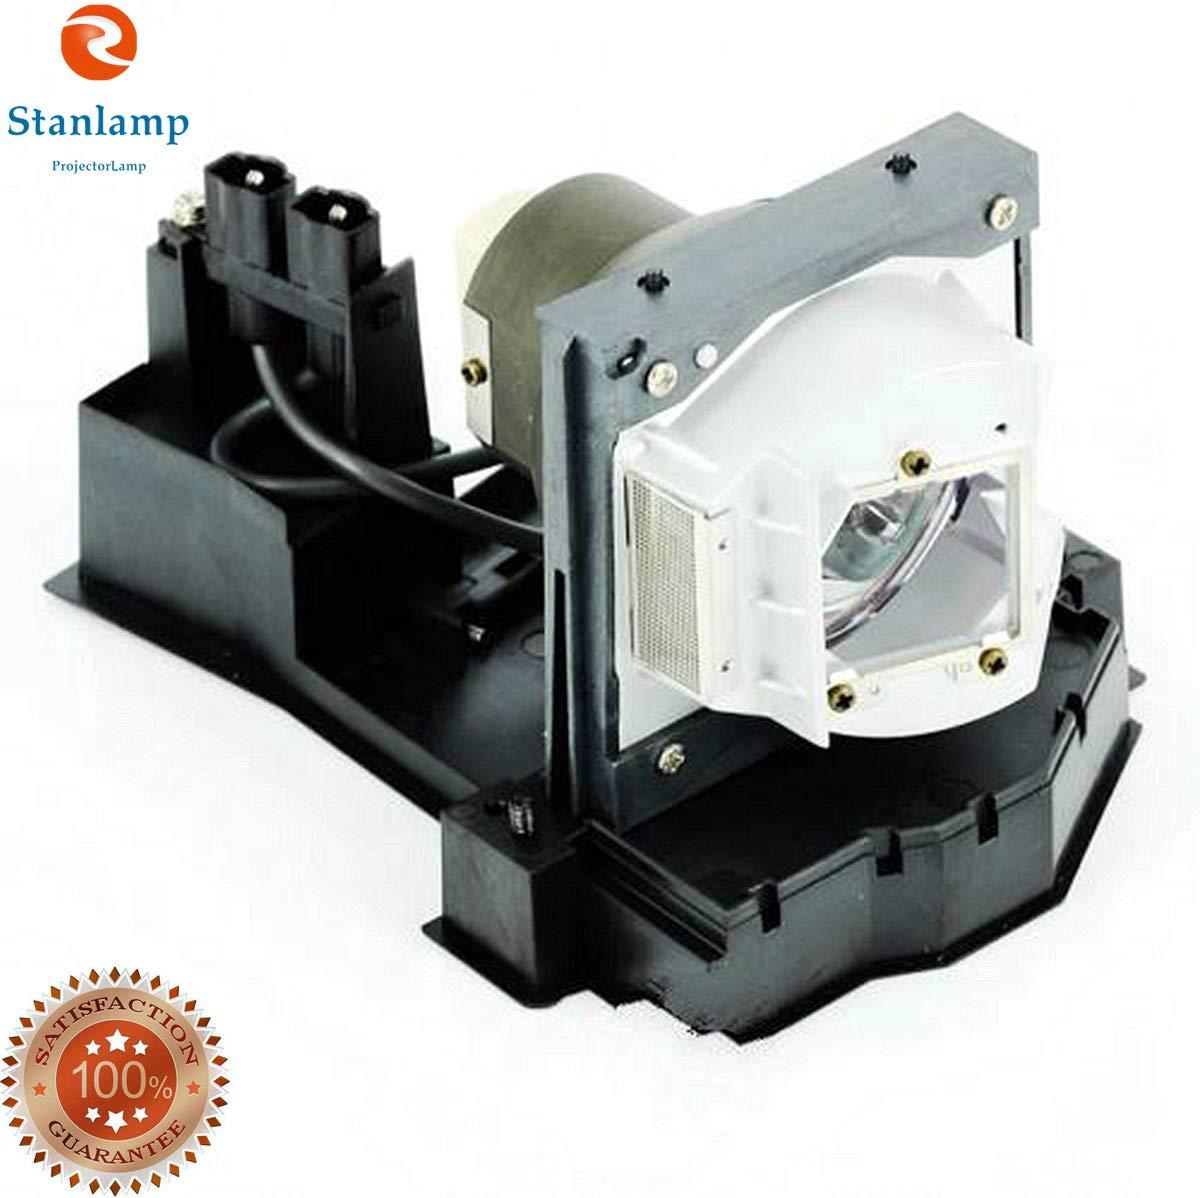 Stanlamp SP-LAMP-041 交換用ランプ オリジナル品質電球 ハウジング付き INFOCUS A3100 A3180 A3186 A3300 A3380 IN3102 IN3106 IN3182 IN3186 IN3902 IN3904 IN3900プロジェクター用   B07K3WRWKP